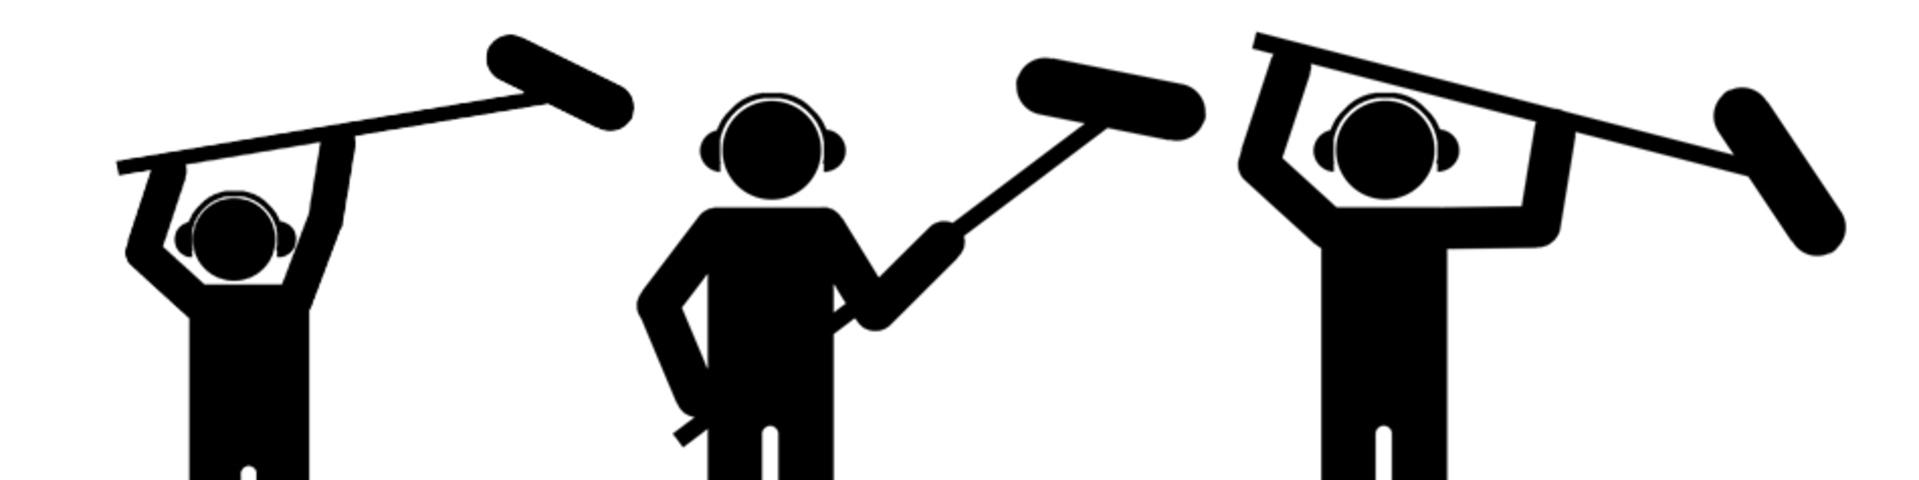 sound boom operator in madrid cruhub